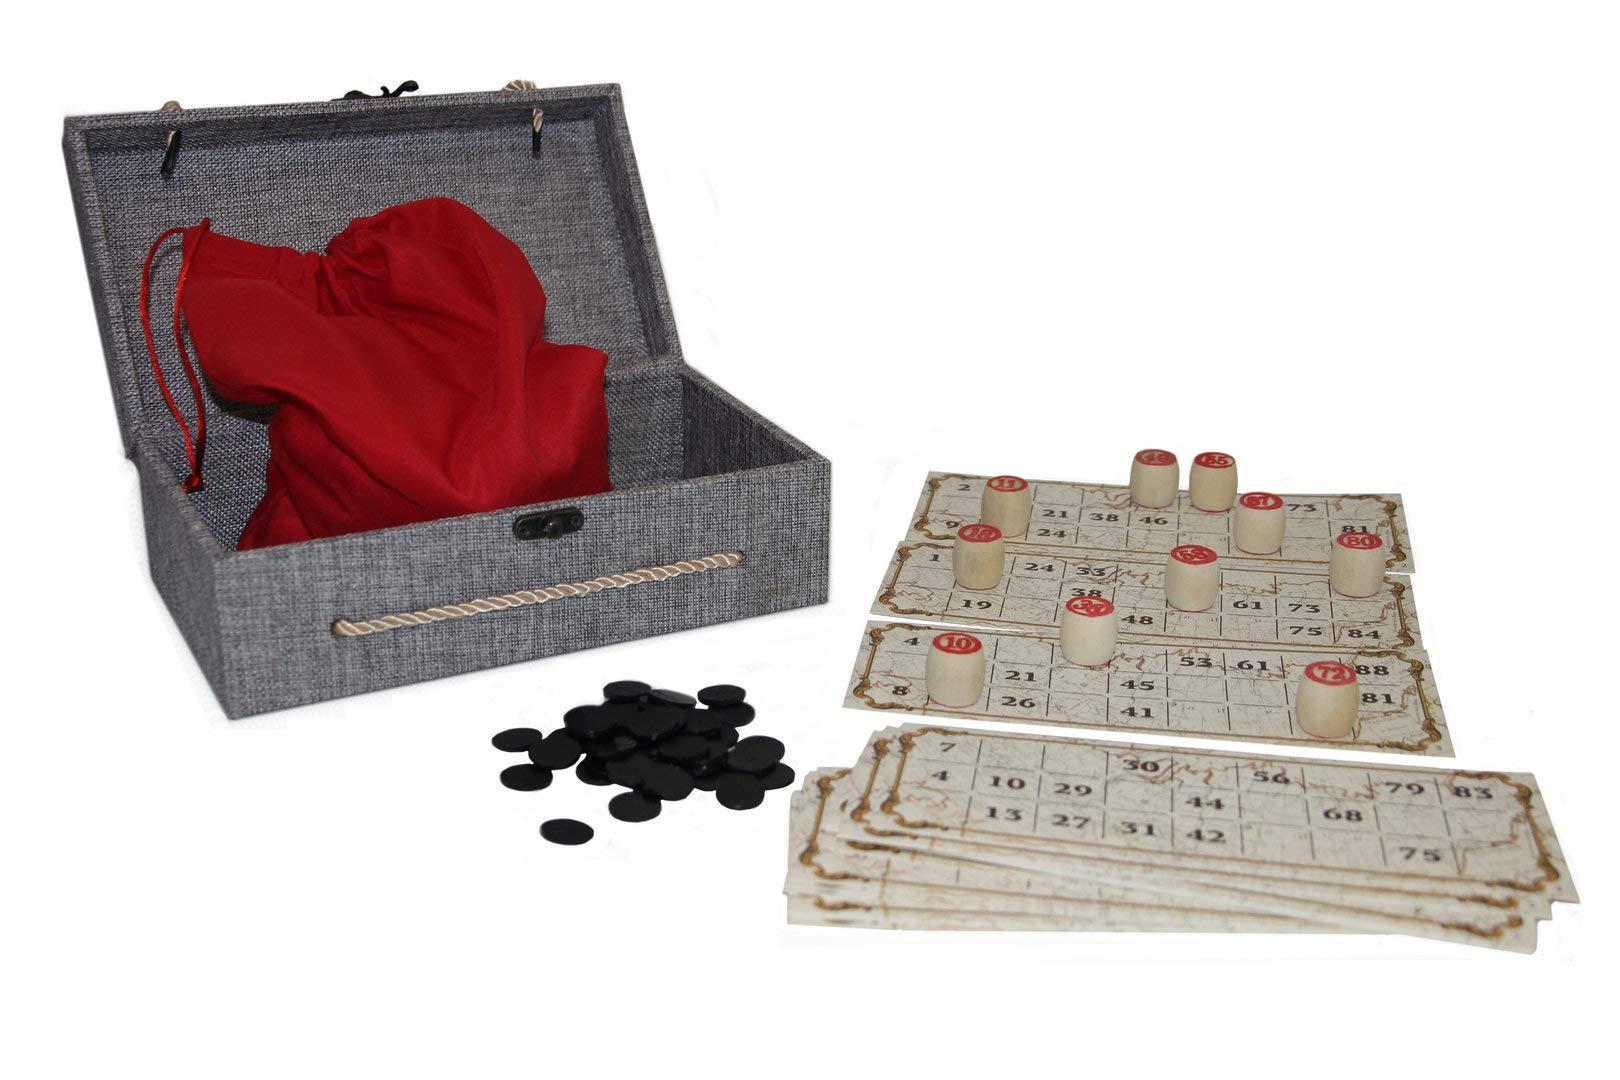 rukauf-Lottospiel-Russisches-Lotto-Loto-Spielset-im-Stoff-Holzkasten-mit-Holzfiguren-Bingospiel-Familienspiel